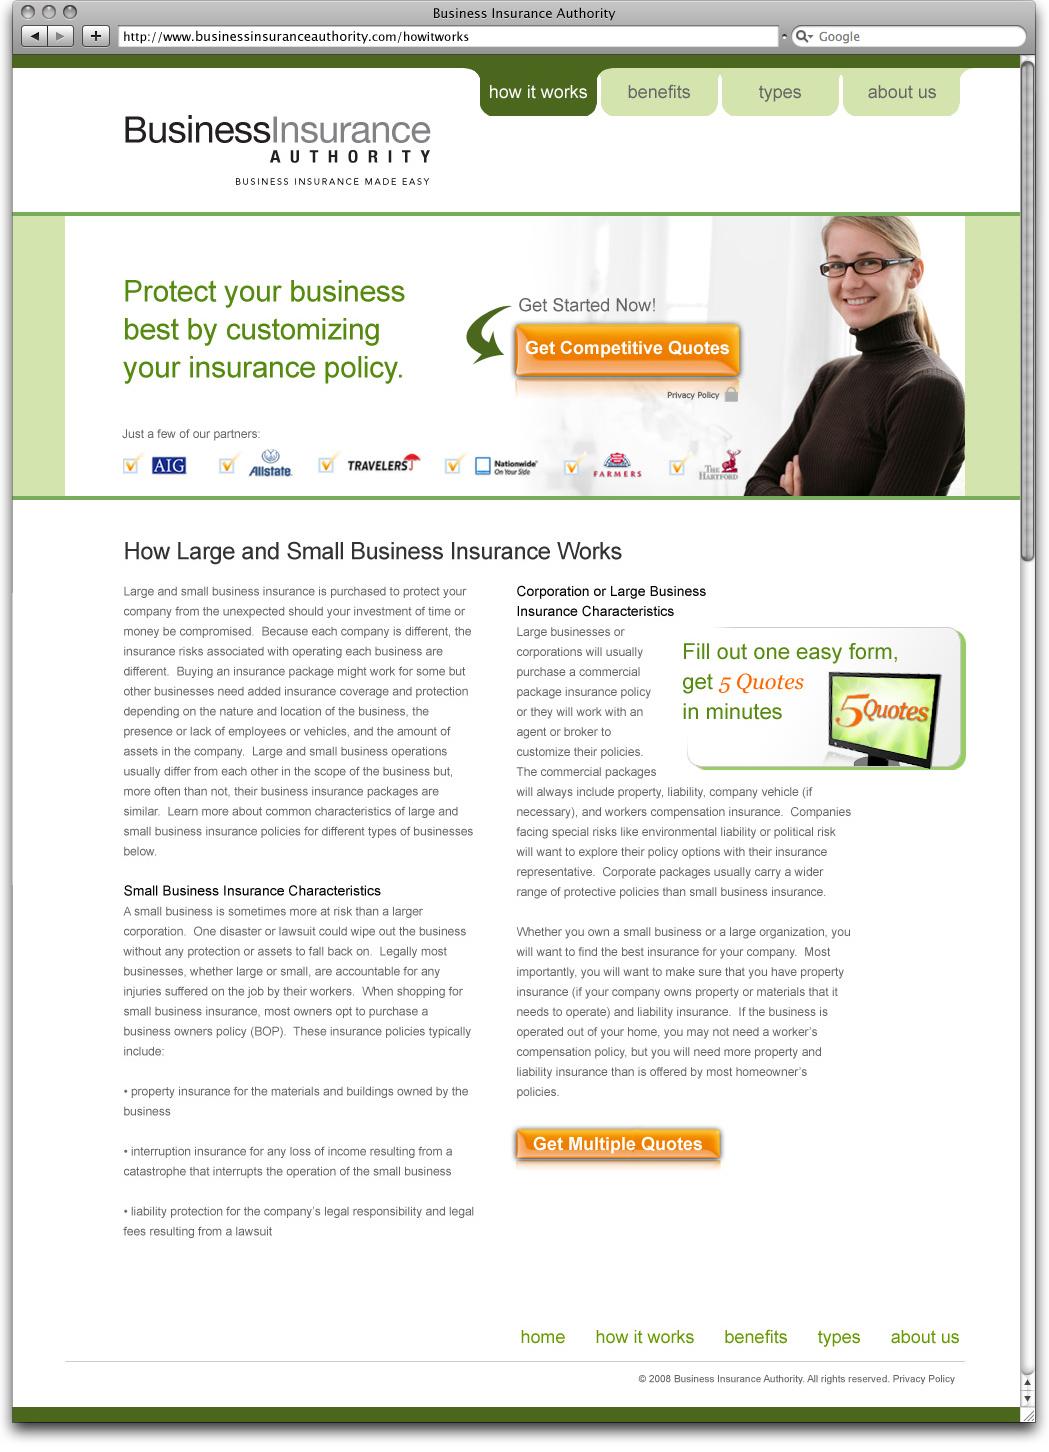 Business Insurance Authorities